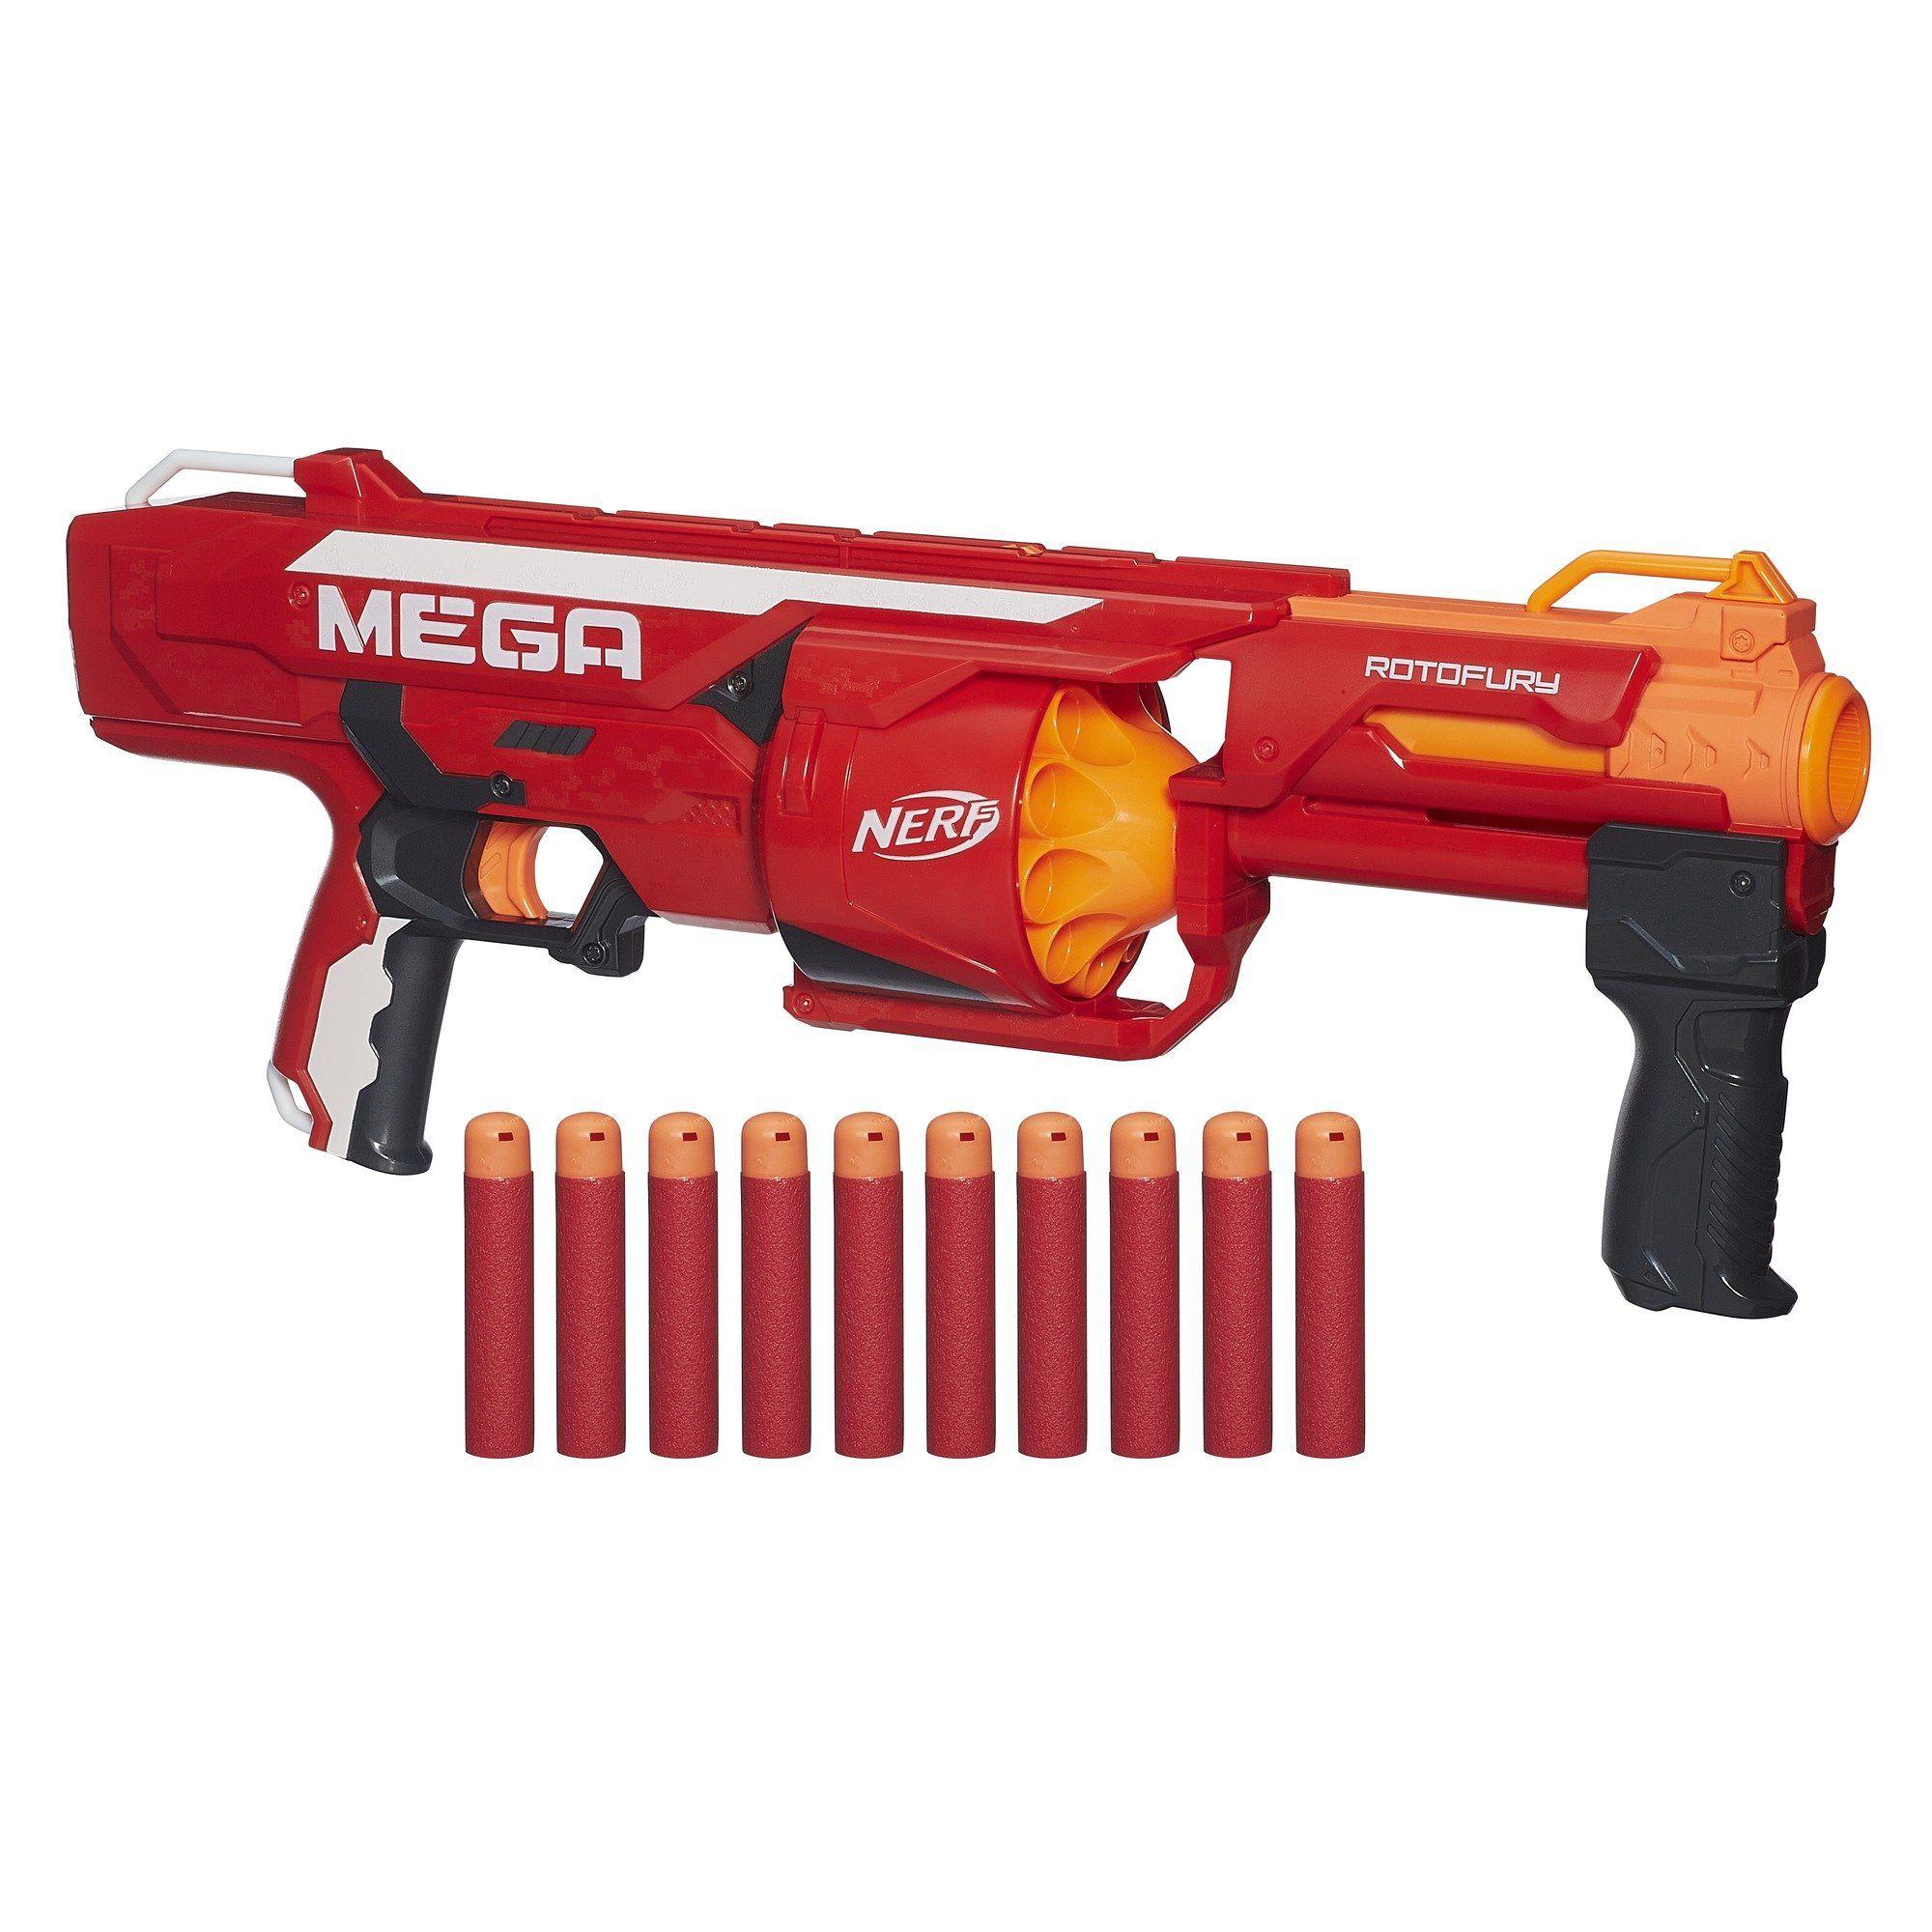 Nerf nstrike mega series rotofury blaster unleash the